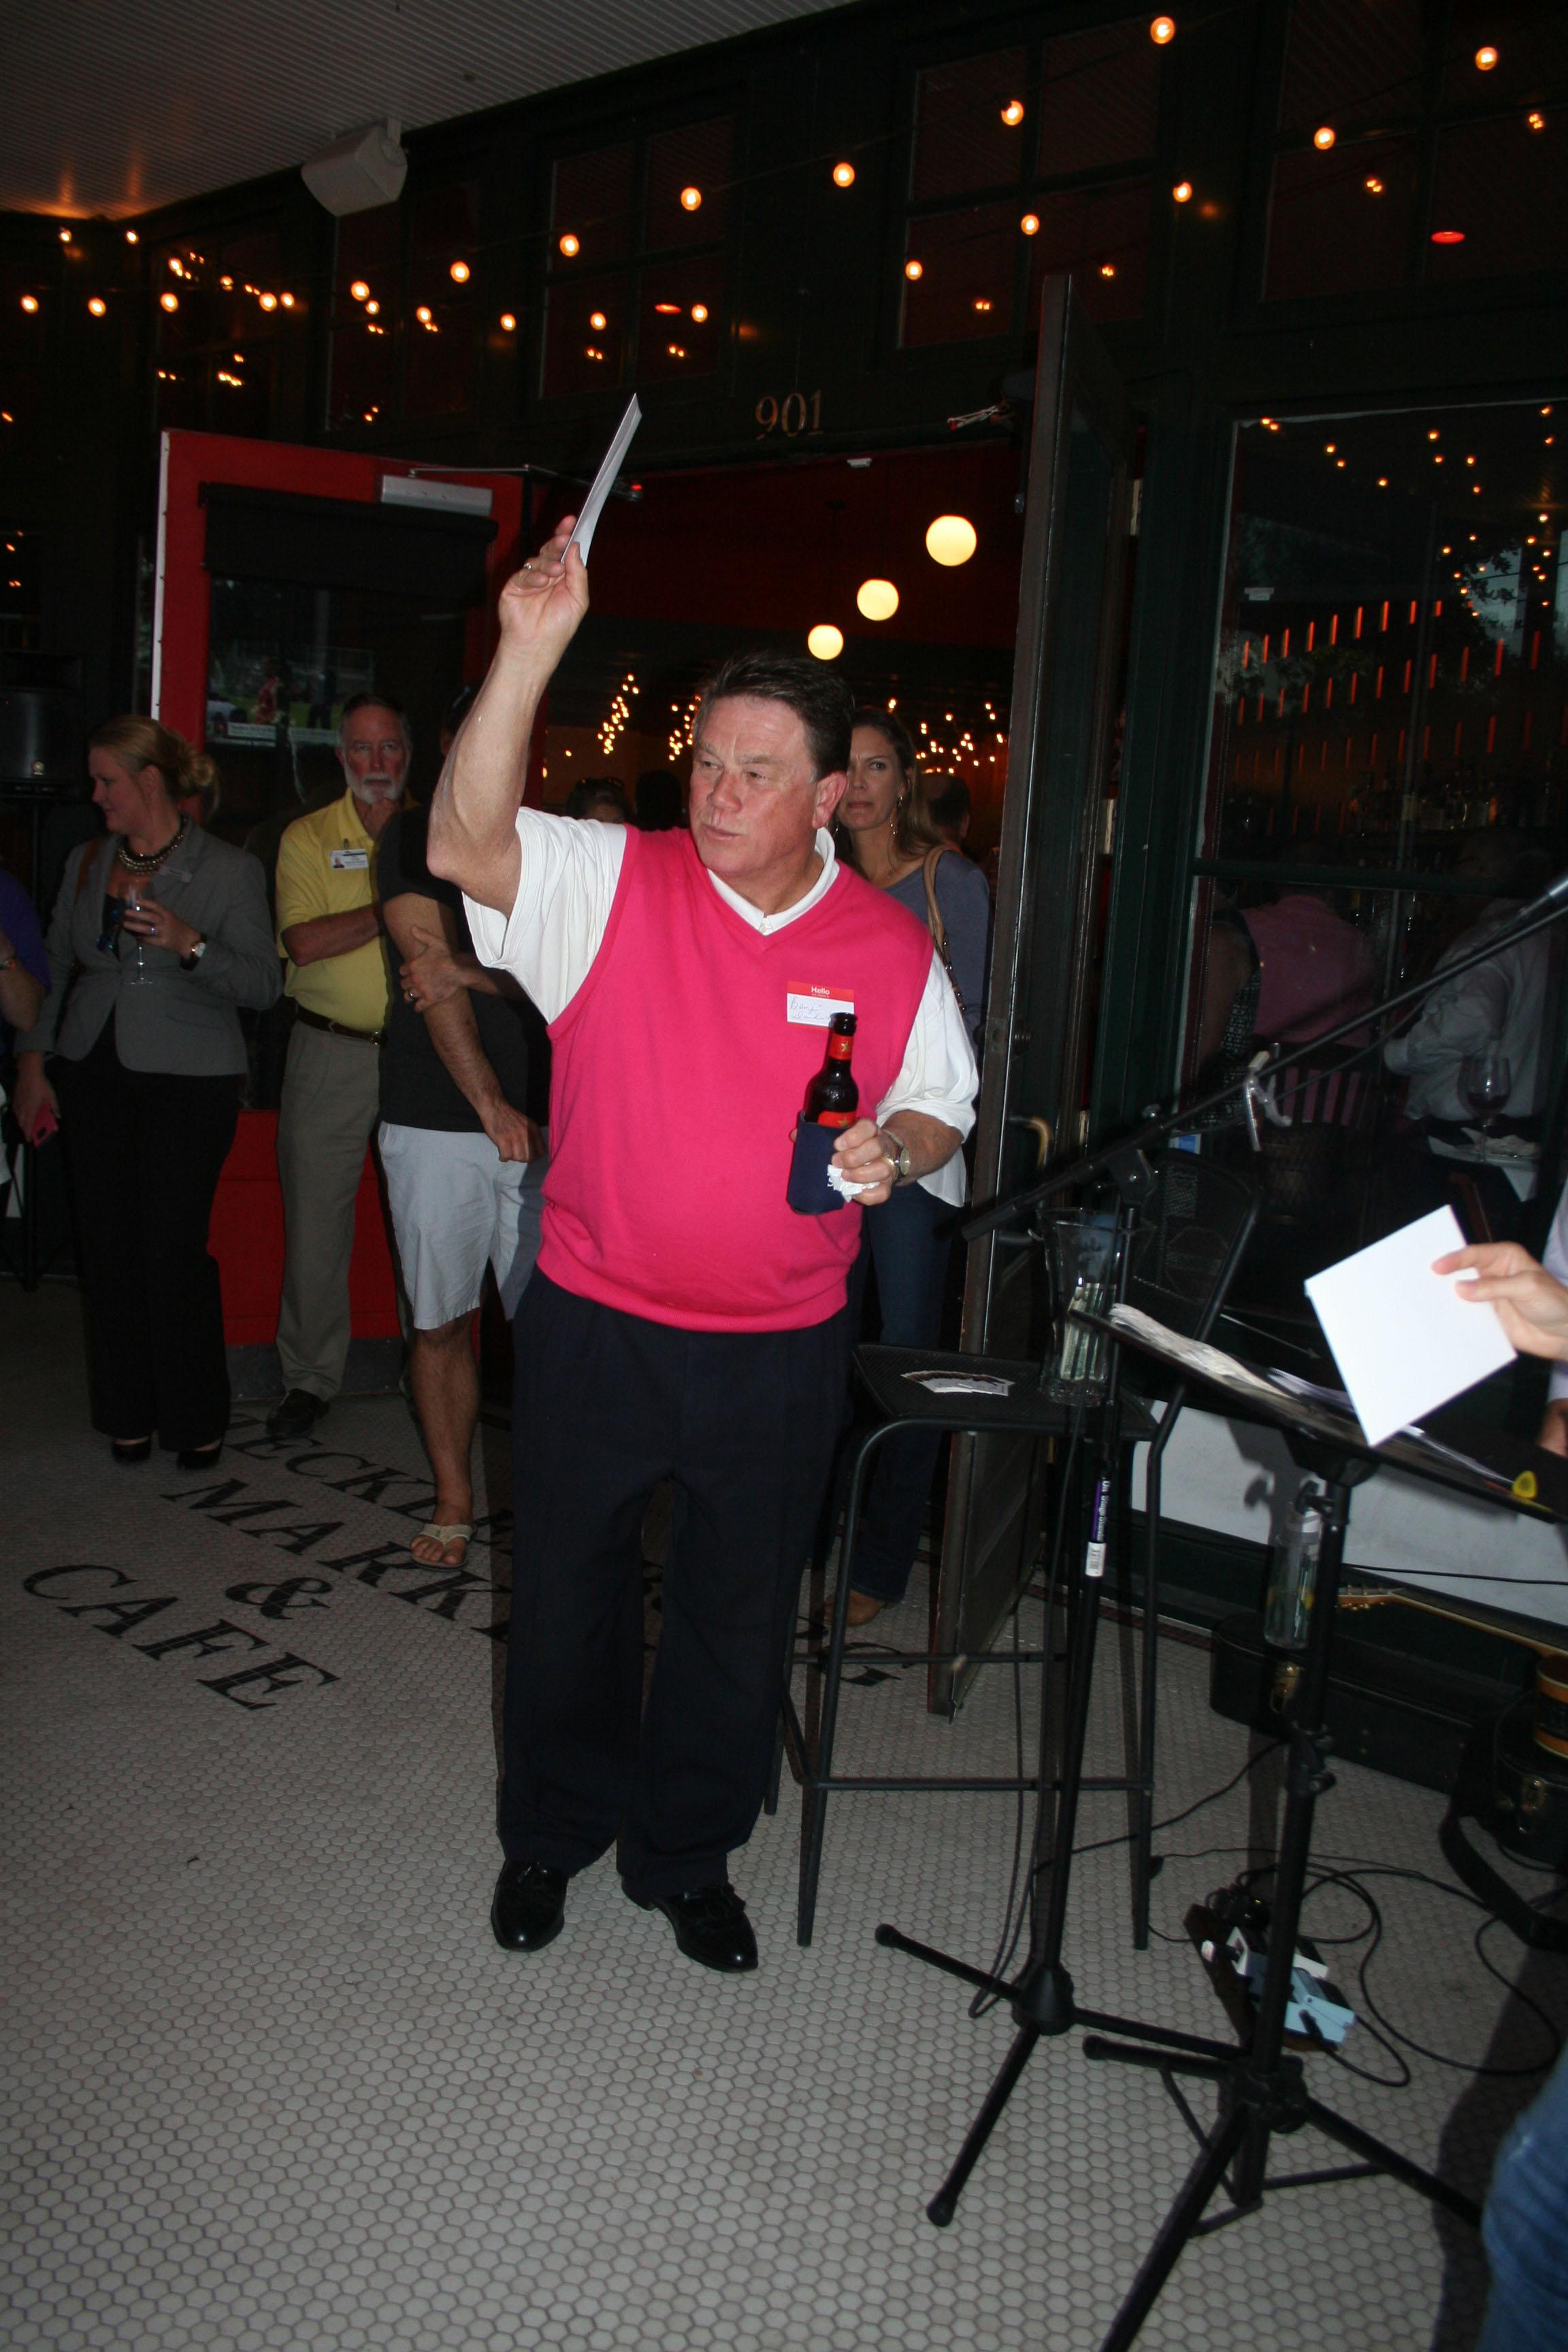 We have a winner! Islander Benji Dandridge was one of several lucky winners of various raffle prizes.